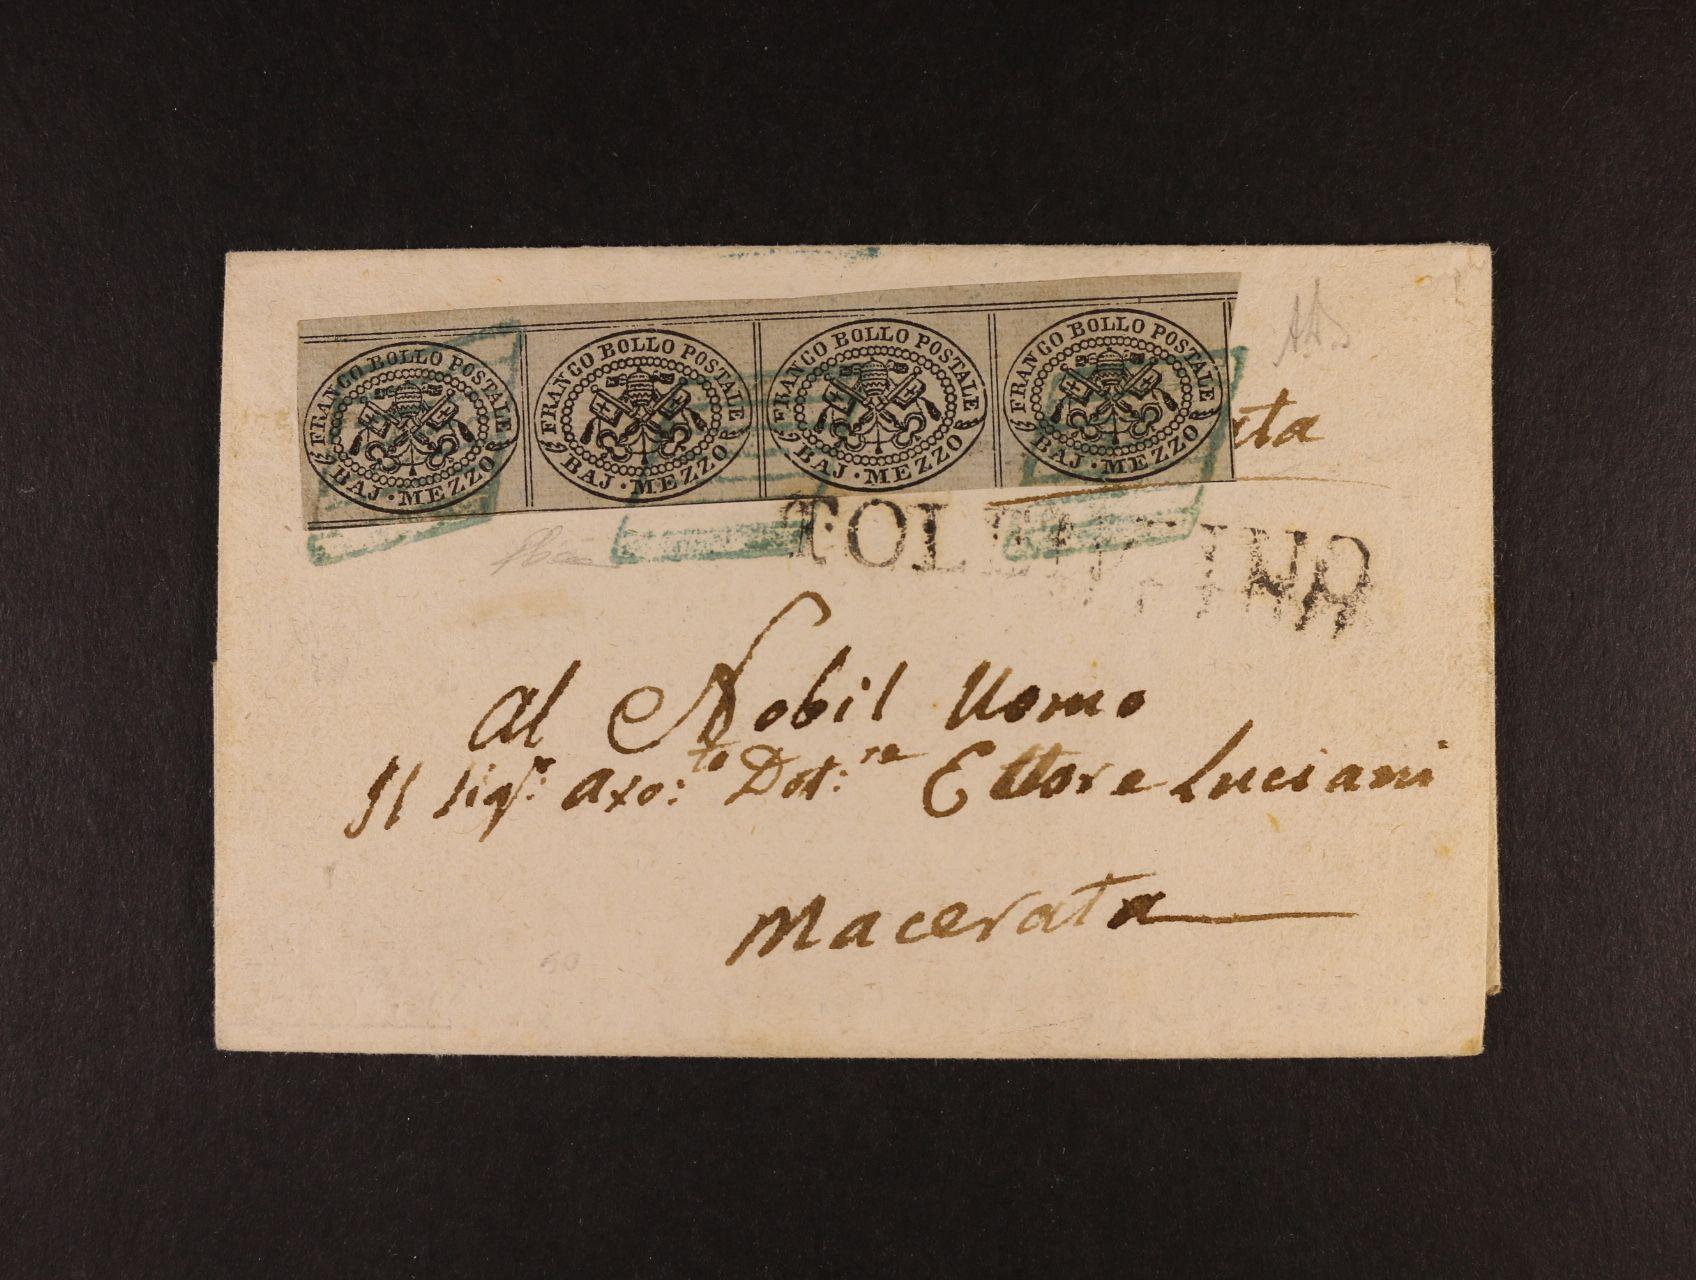 Církevní stát - skl. dopis z r. 1857 frank. vodorovnou čtyřpáskou s horním okrajem zn. Sas. č. 1 se vzácným němým modrozeleným raz. + řádk. raz. TOLENTINO + průch. a přích. raz., zk. a atest Enzo Diena